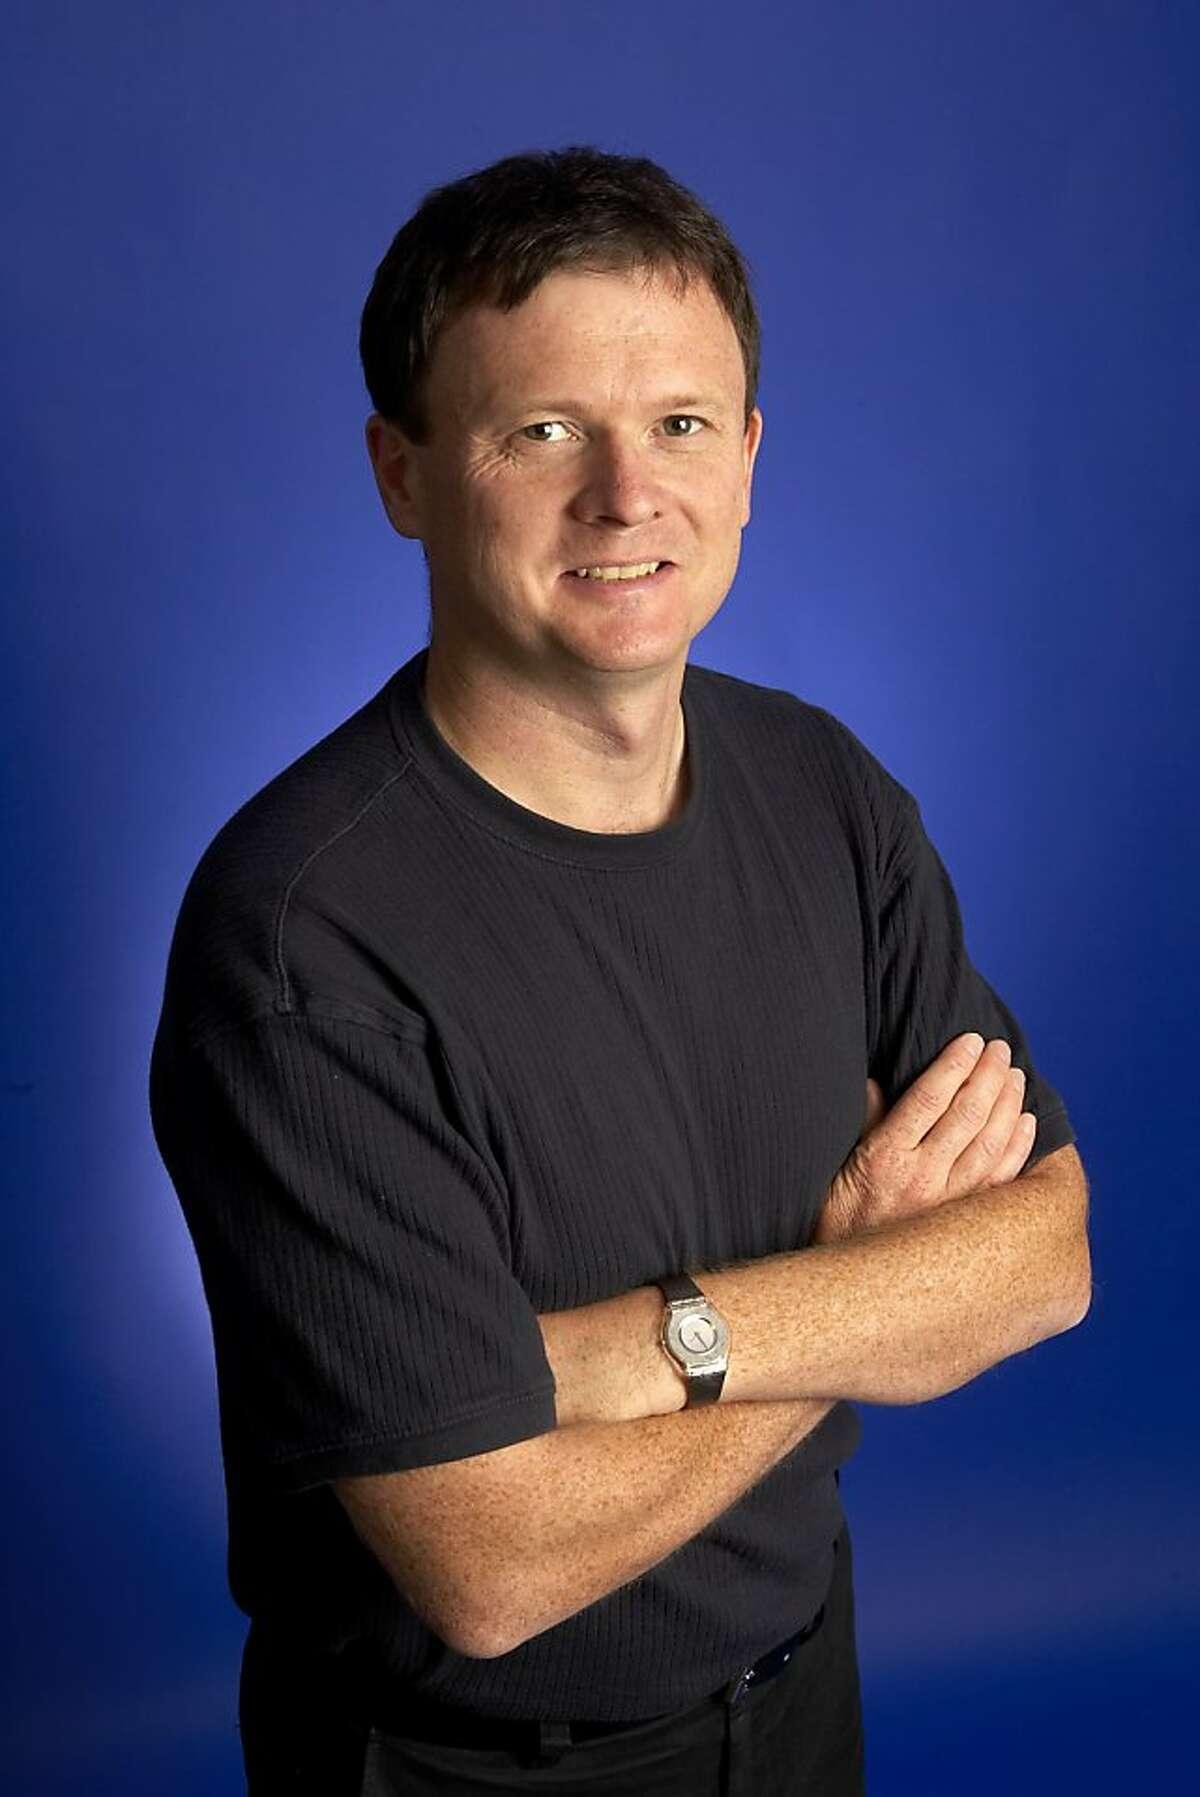 Conrad Burke CEO of Innovalight, Inc.